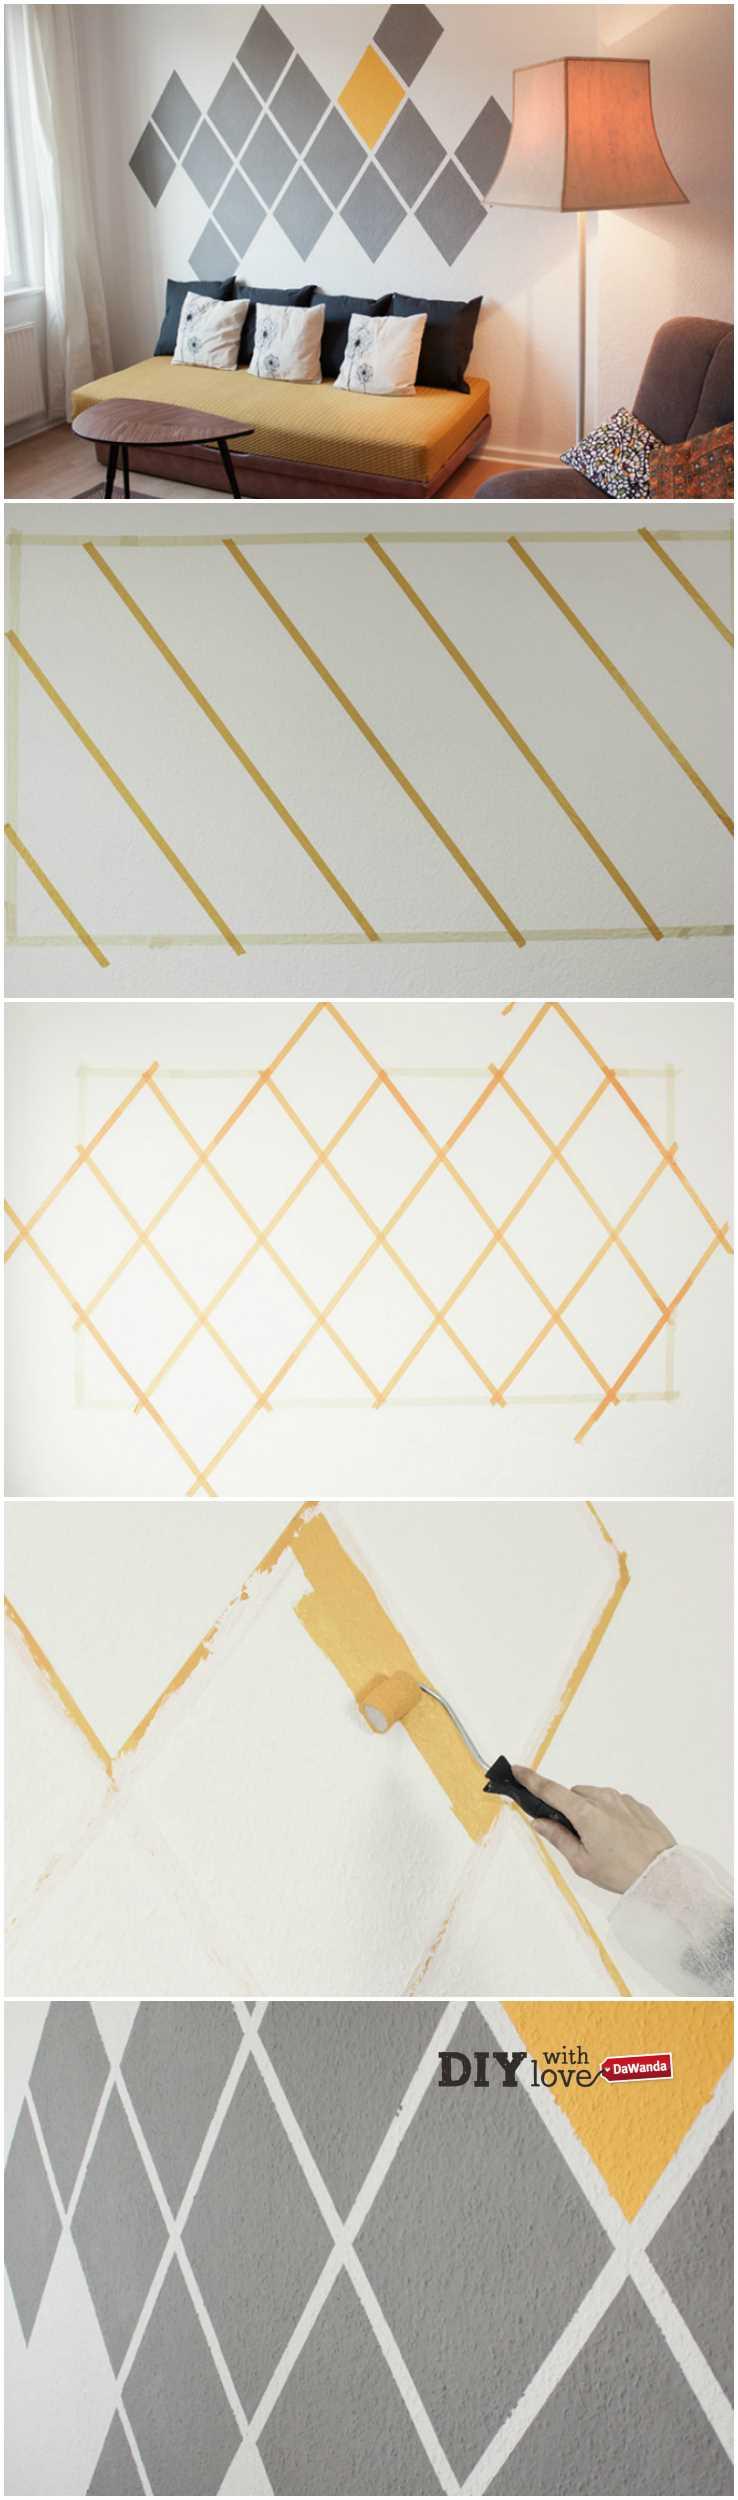 Tutorial fai da te: Come dipingere una parete con rombi colorati ...